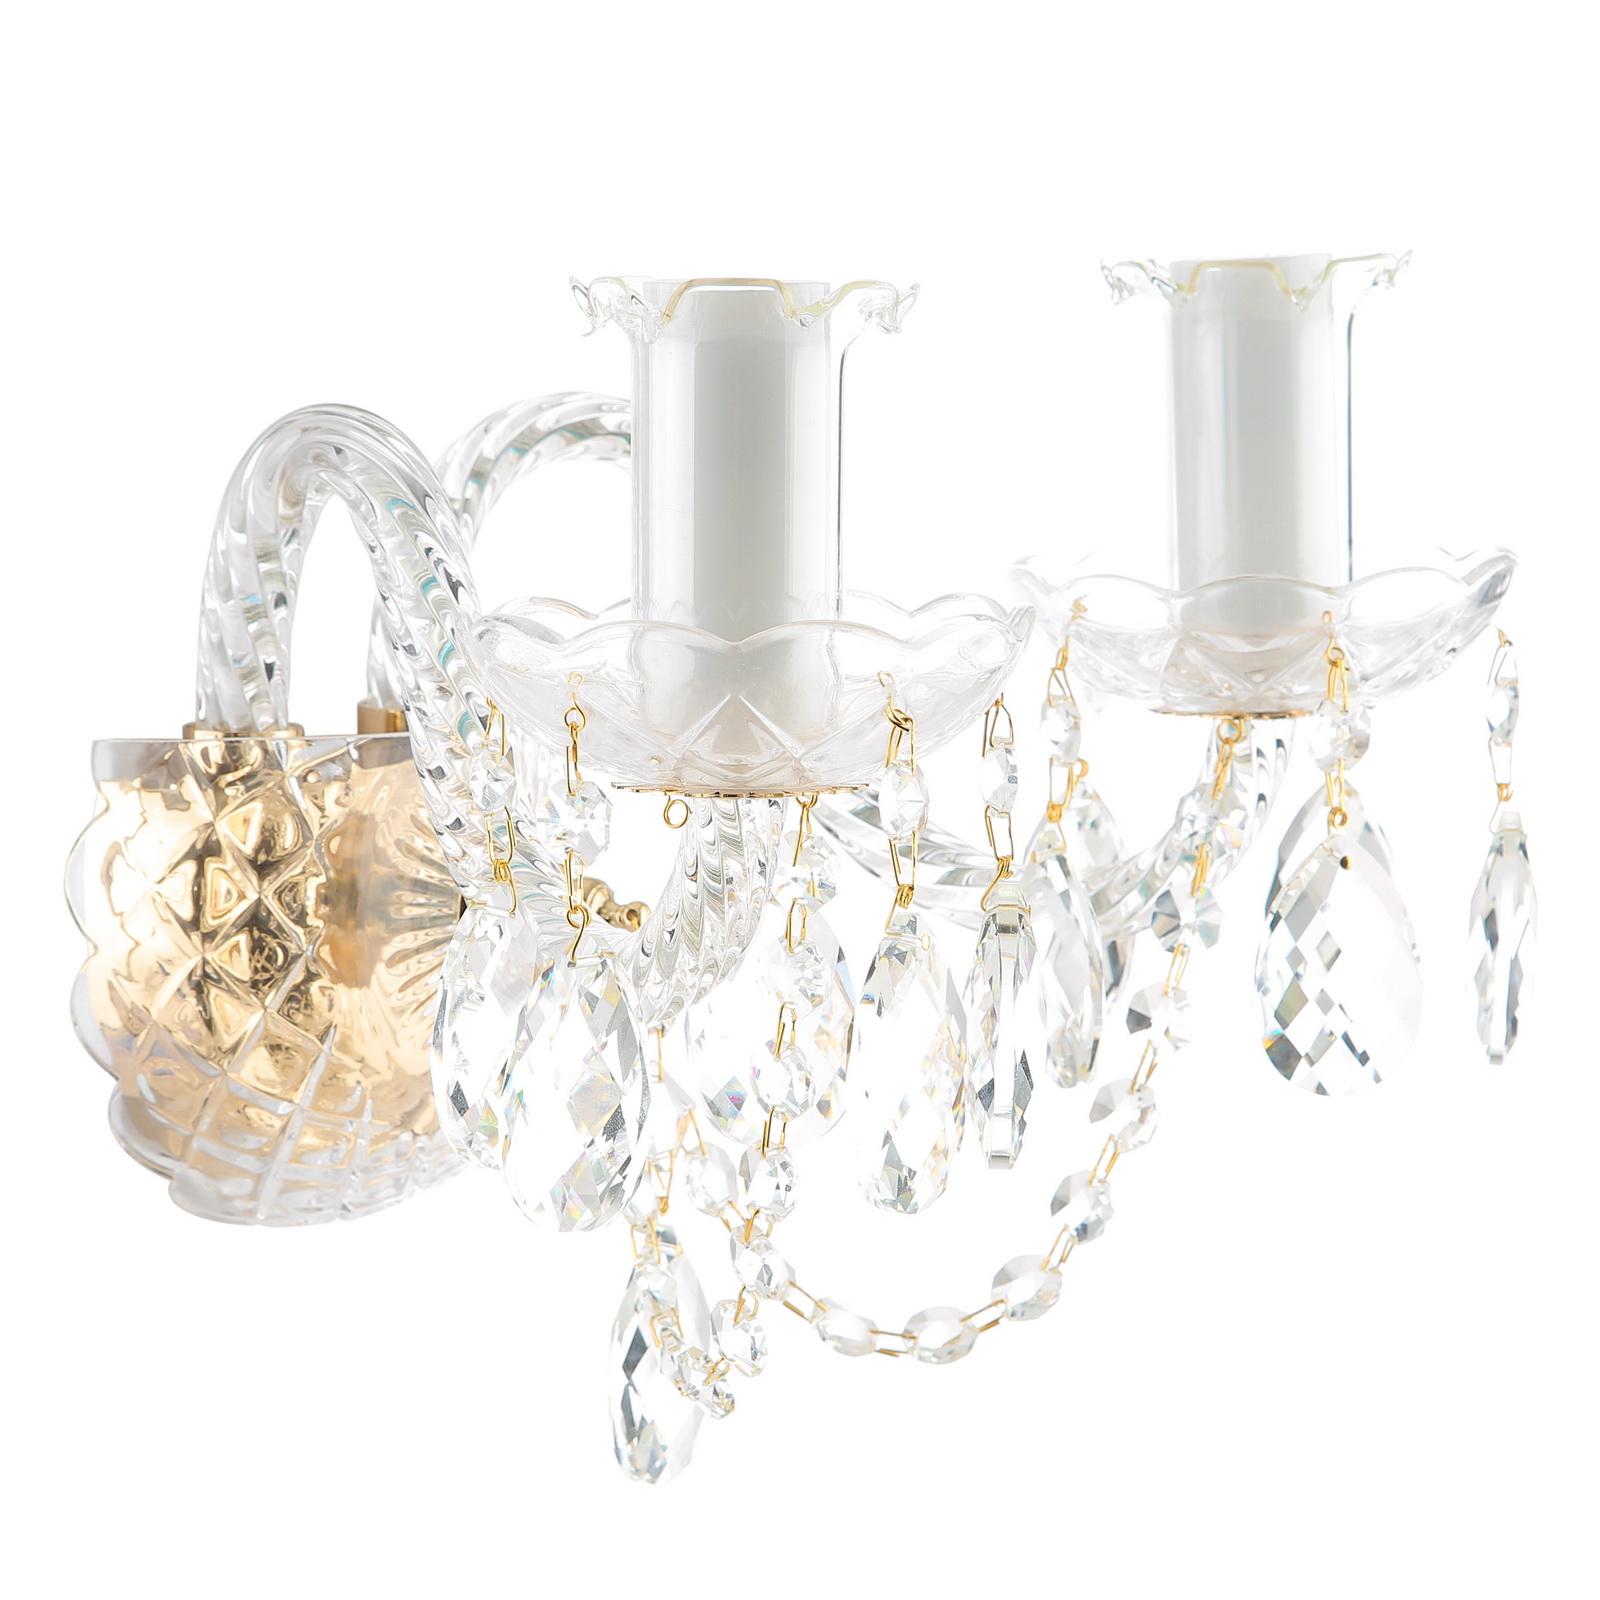 Бра MaytoniНастенные светильники и бра<br>Тип: бра,<br>Назначение светильника: для гостиной,<br>Стиль светильника: классика,<br>Материал светильника: металл,<br>Тип лампы: накаливания,<br>Количество ламп: 2,<br>Мощность: 60,<br>Патрон: Е14,<br>Цвет арматуры: золото,<br>Ширина: 350,<br>Высота: 240,<br>Диаметр: 350,<br>Коллекция: arm902<br>